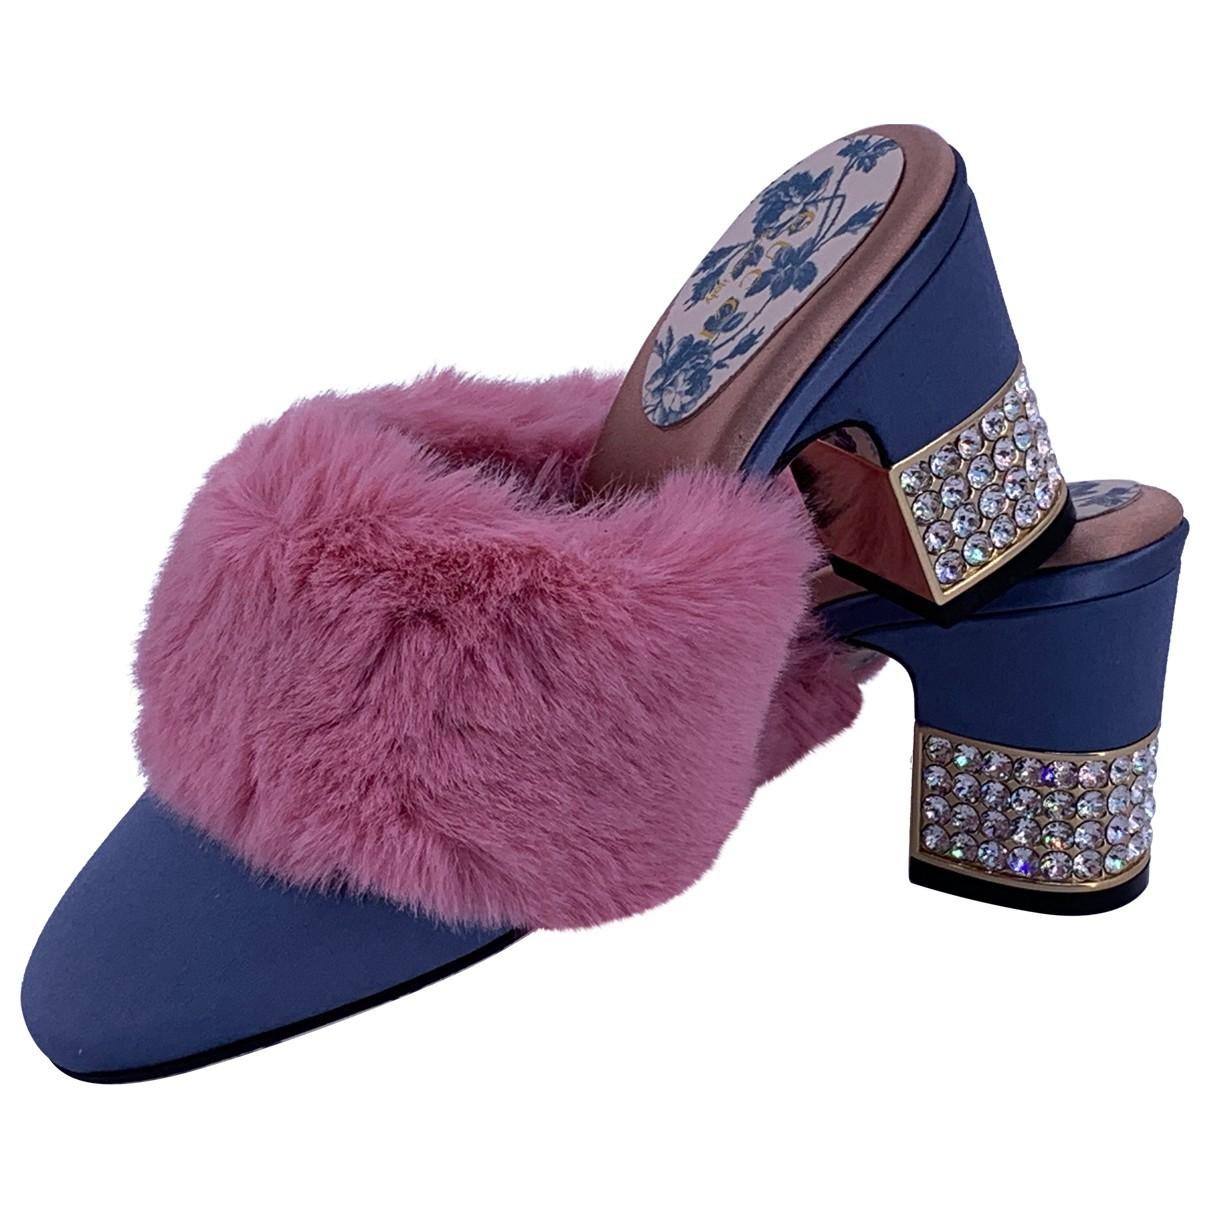 Gucci - Sandales   pour femme en fourrure synthetique - bleu